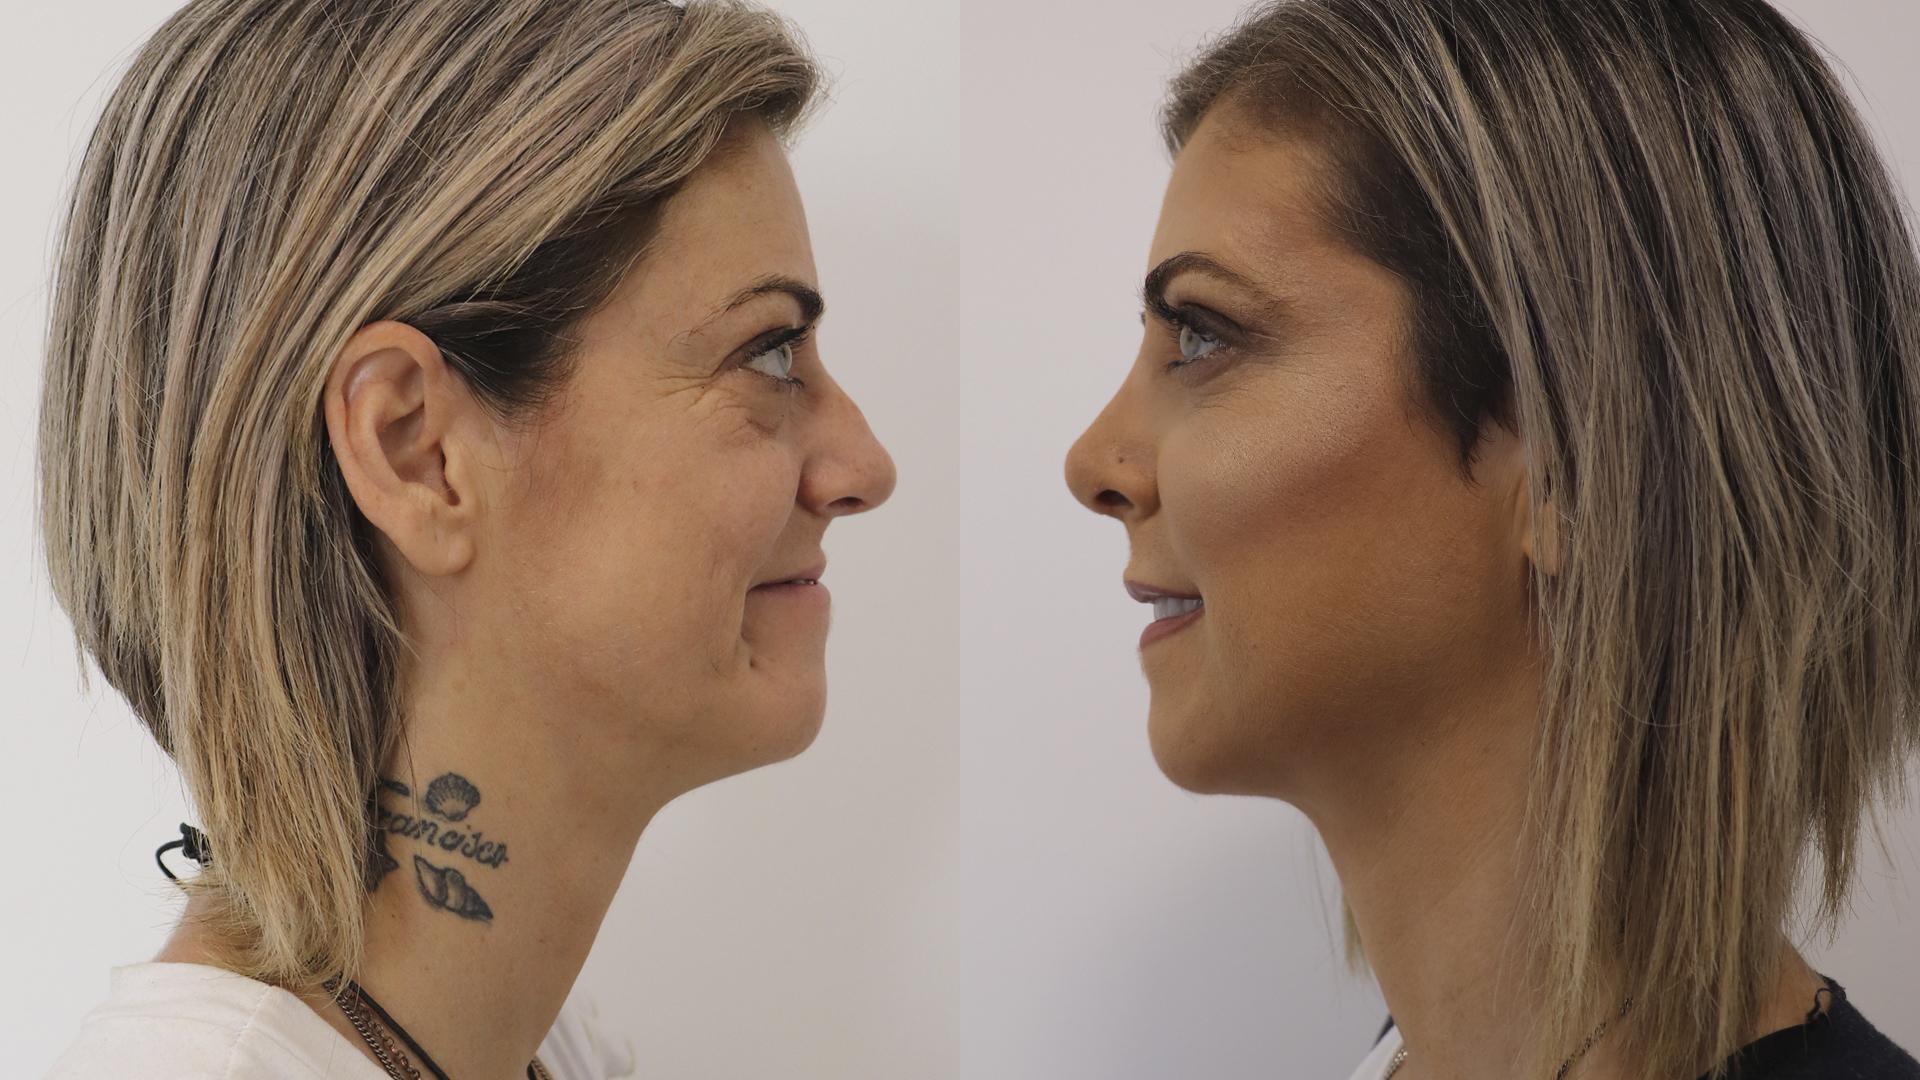 Cátia Moreira - Rinoplastia - Blefaroplastia superior - Injeção de gordura nos sucos - Redução de rugas com Ácido Hialurónico e Toxina Botulínica